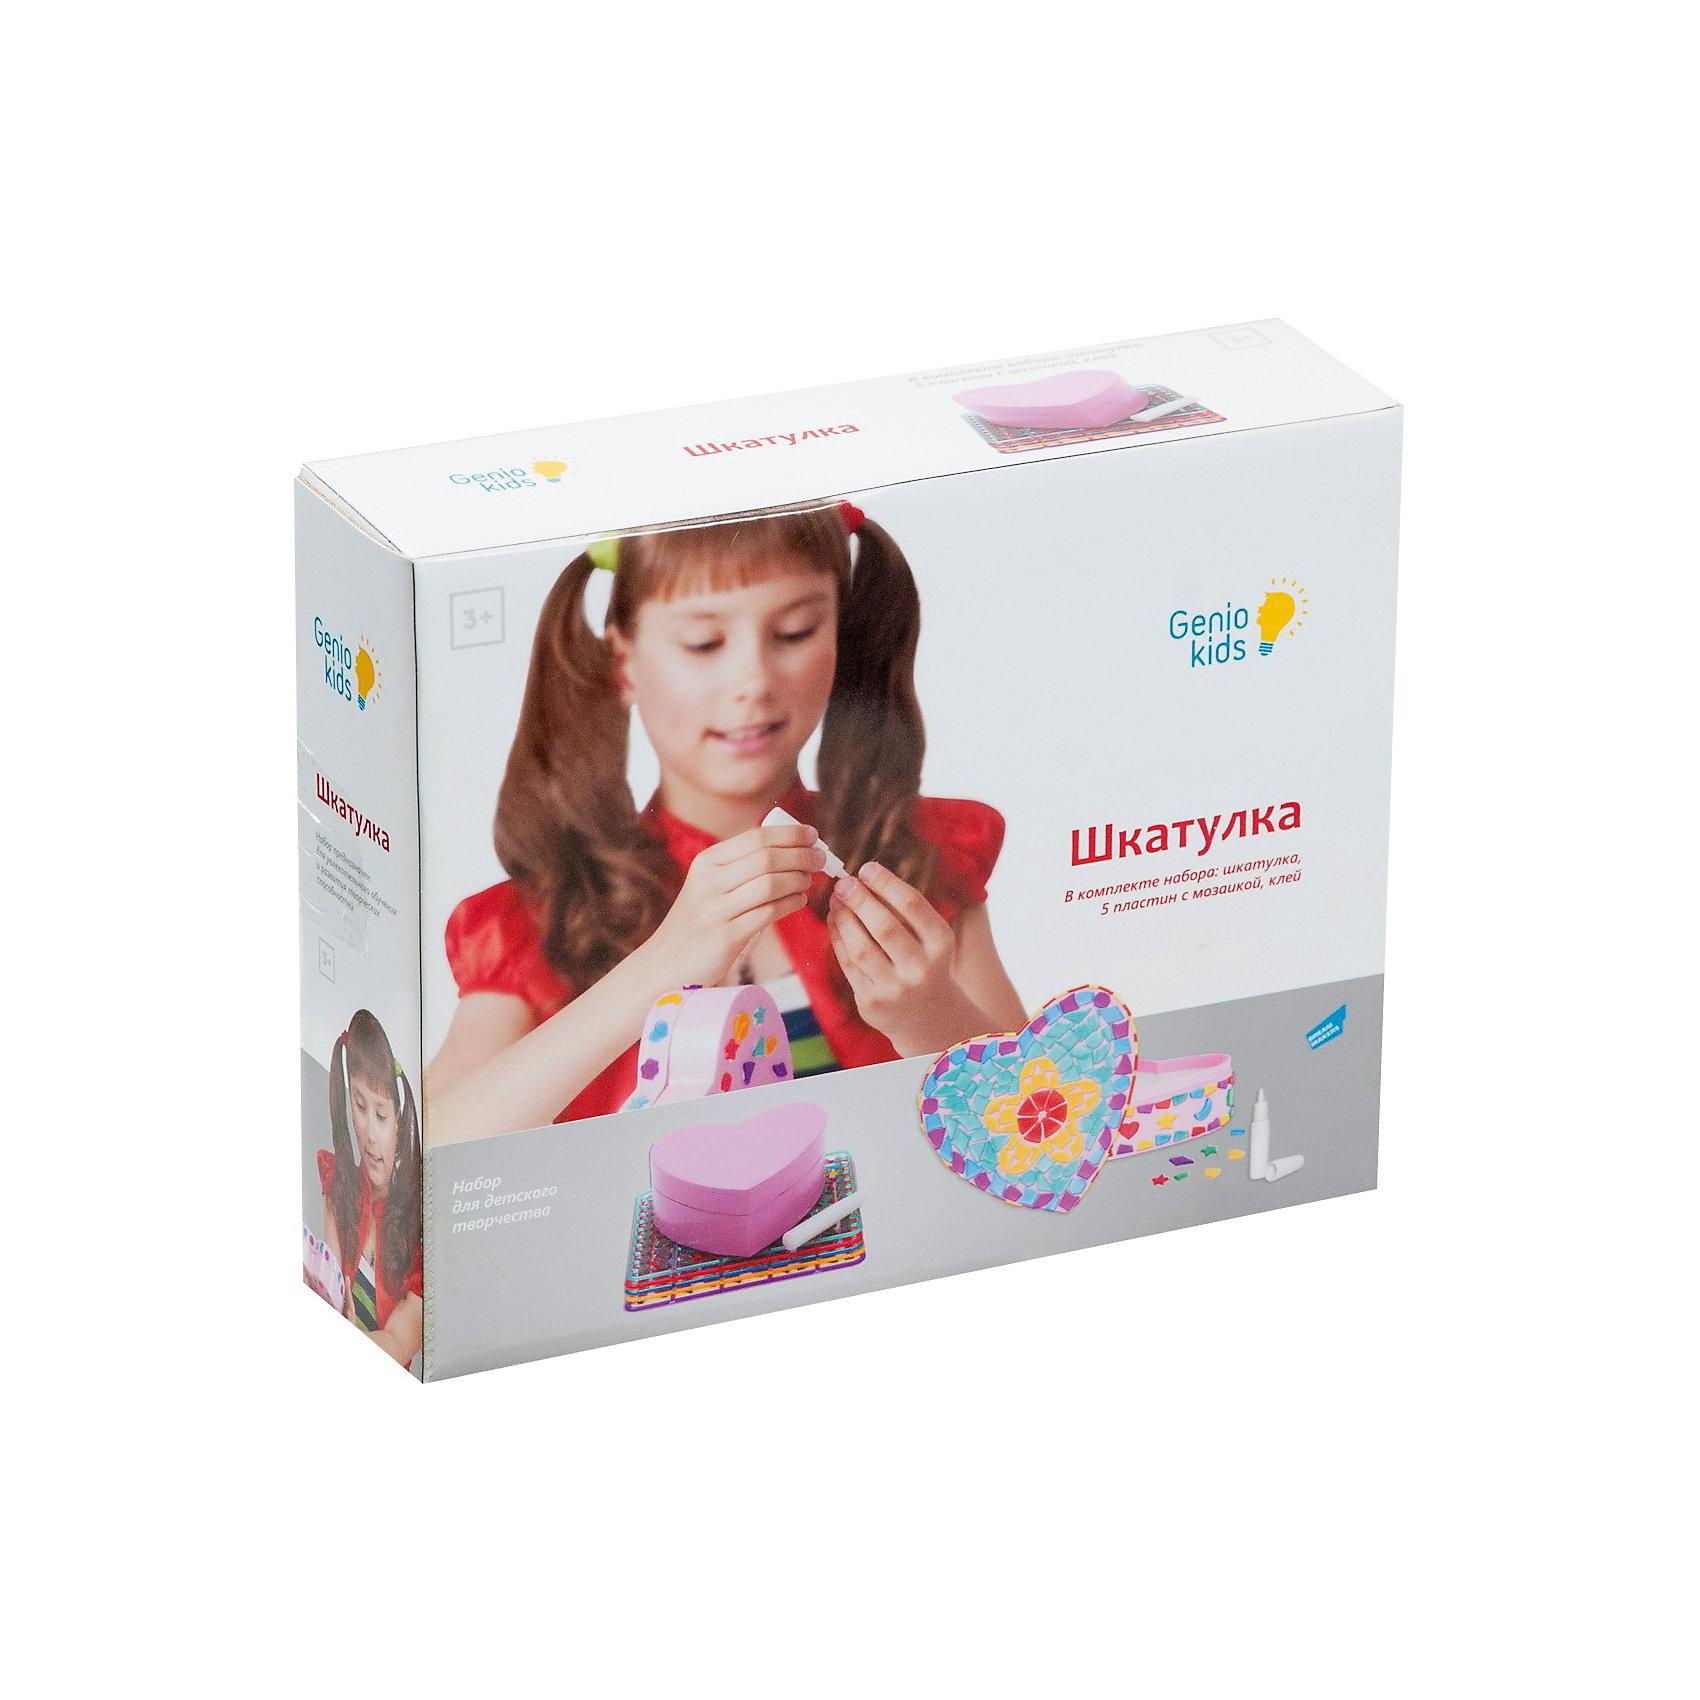 """Набор для детского творчества """"Шкатулка""""Мозаика детская<br>Набор для детского творчества «Шкатулка» – это мозаика, элементы которой необходимо приклеивать к картонной коробочке с помощью клея. Набор стикеровой мозаики направлен на развитие различных навыков: мелкой моторики, внимательности, аккуратности, усидчивости, творческого мышления. Для детей младшего возраста – закрепление цветов и их оттенков, изучение  геометрических форм. Комплектность набора: 1 картонная коробочка розового цвета в форме сердца, 5 пластин с пластиковыми элементами мозаики (оранжевого, зеленого, синего, фиолетового и розового цветов), 1 тюбик с клеем, инструкция.<br><br>Ширина мм: 210<br>Глубина мм: 70<br>Высота мм: 260<br>Вес г: 319<br>Возраст от месяцев: 36<br>Возраст до месяцев: 108<br>Пол: Женский<br>Возраст: Детский<br>SKU: 5018330"""